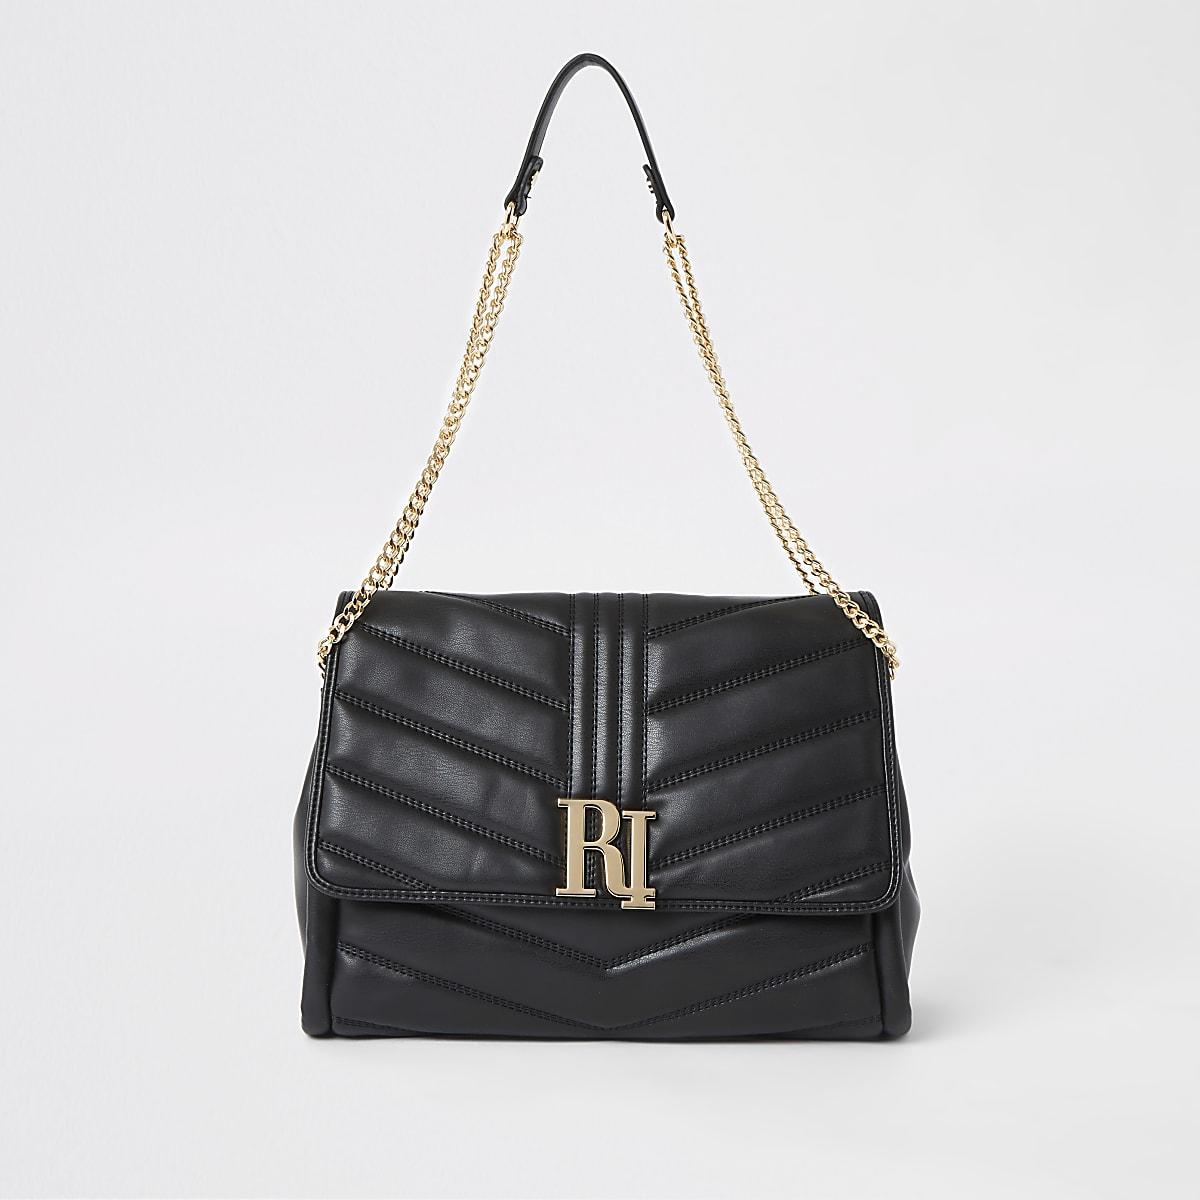 Zwarte doorgestikte onderarmtas met RI-logo